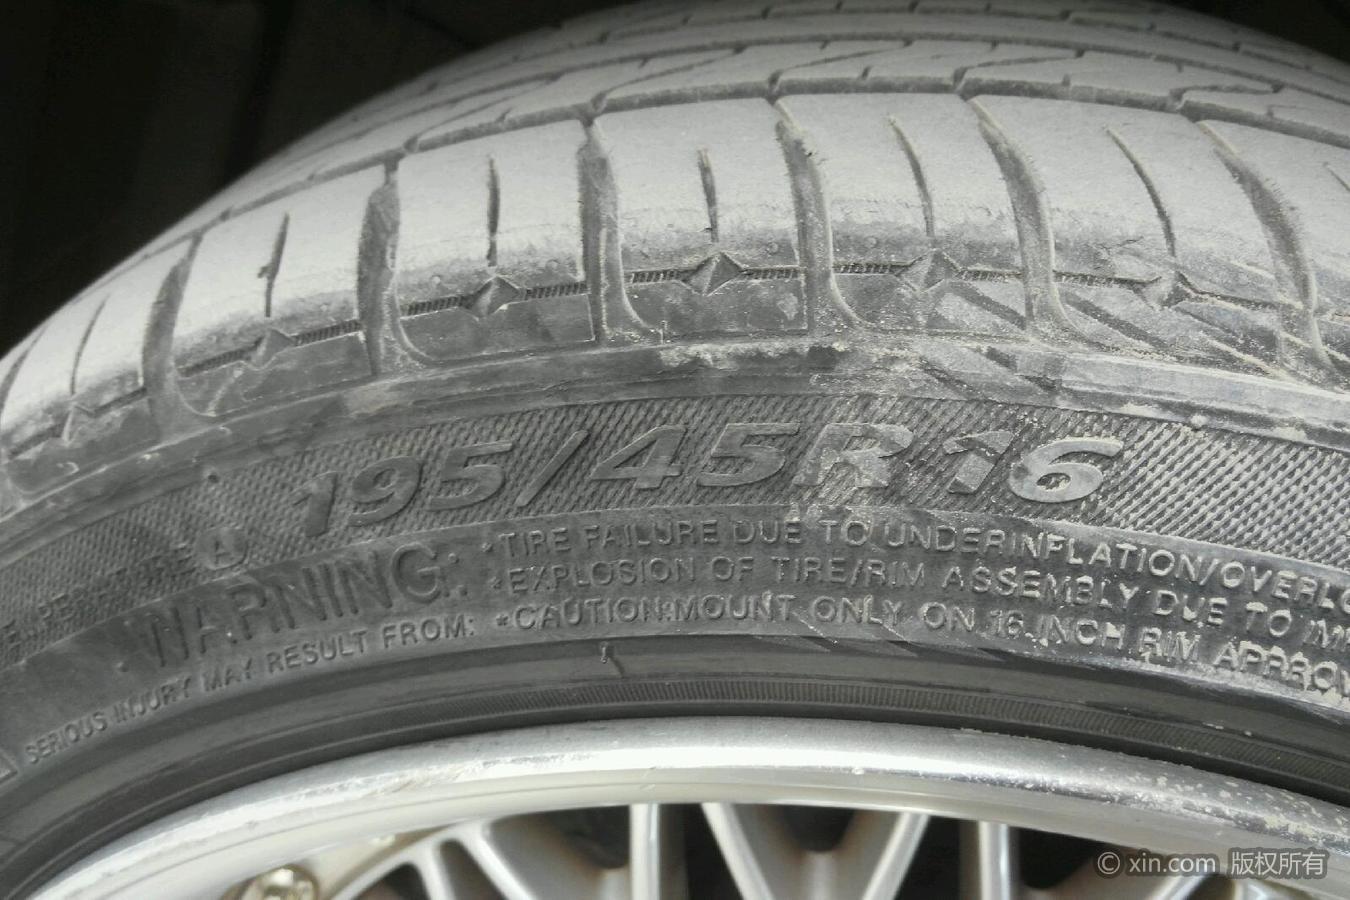 铃木犀鸟左前作用雨燕轮胎的盔突有什么尺寸图片